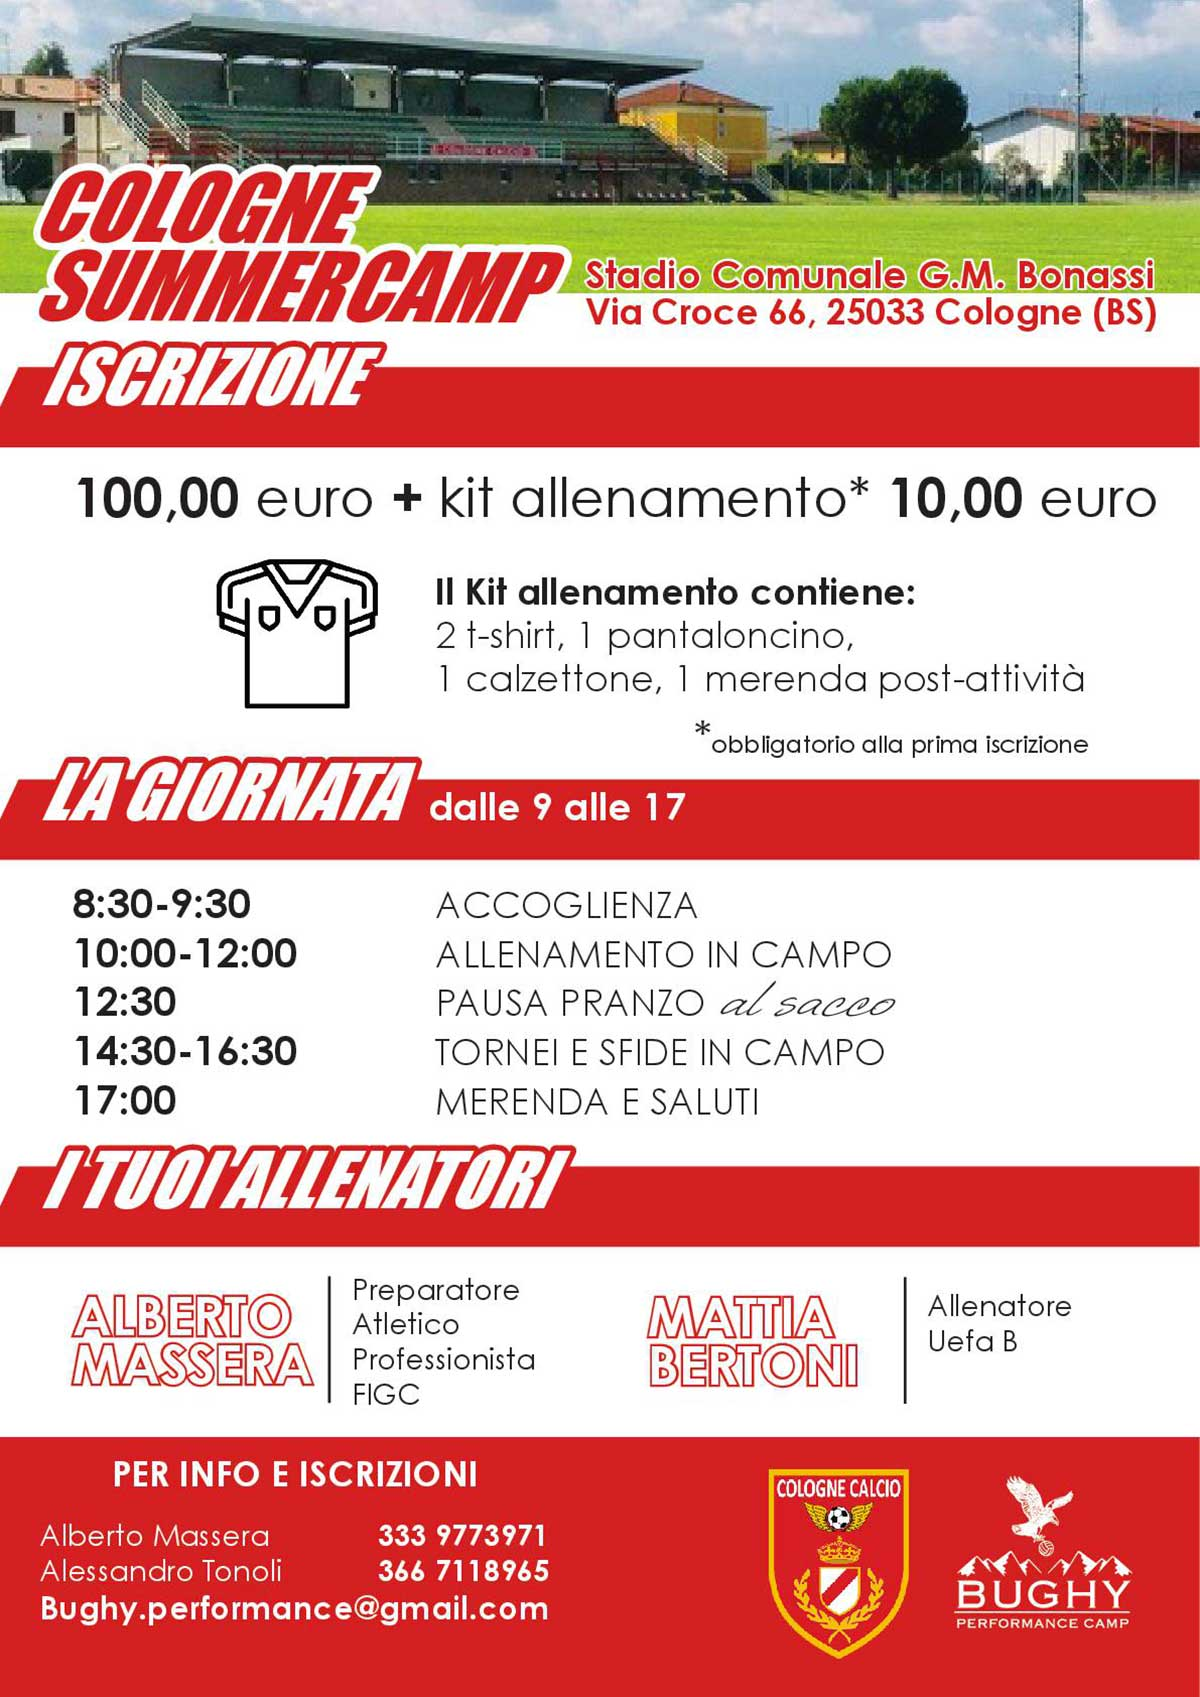 cologne-summer-camo-programma